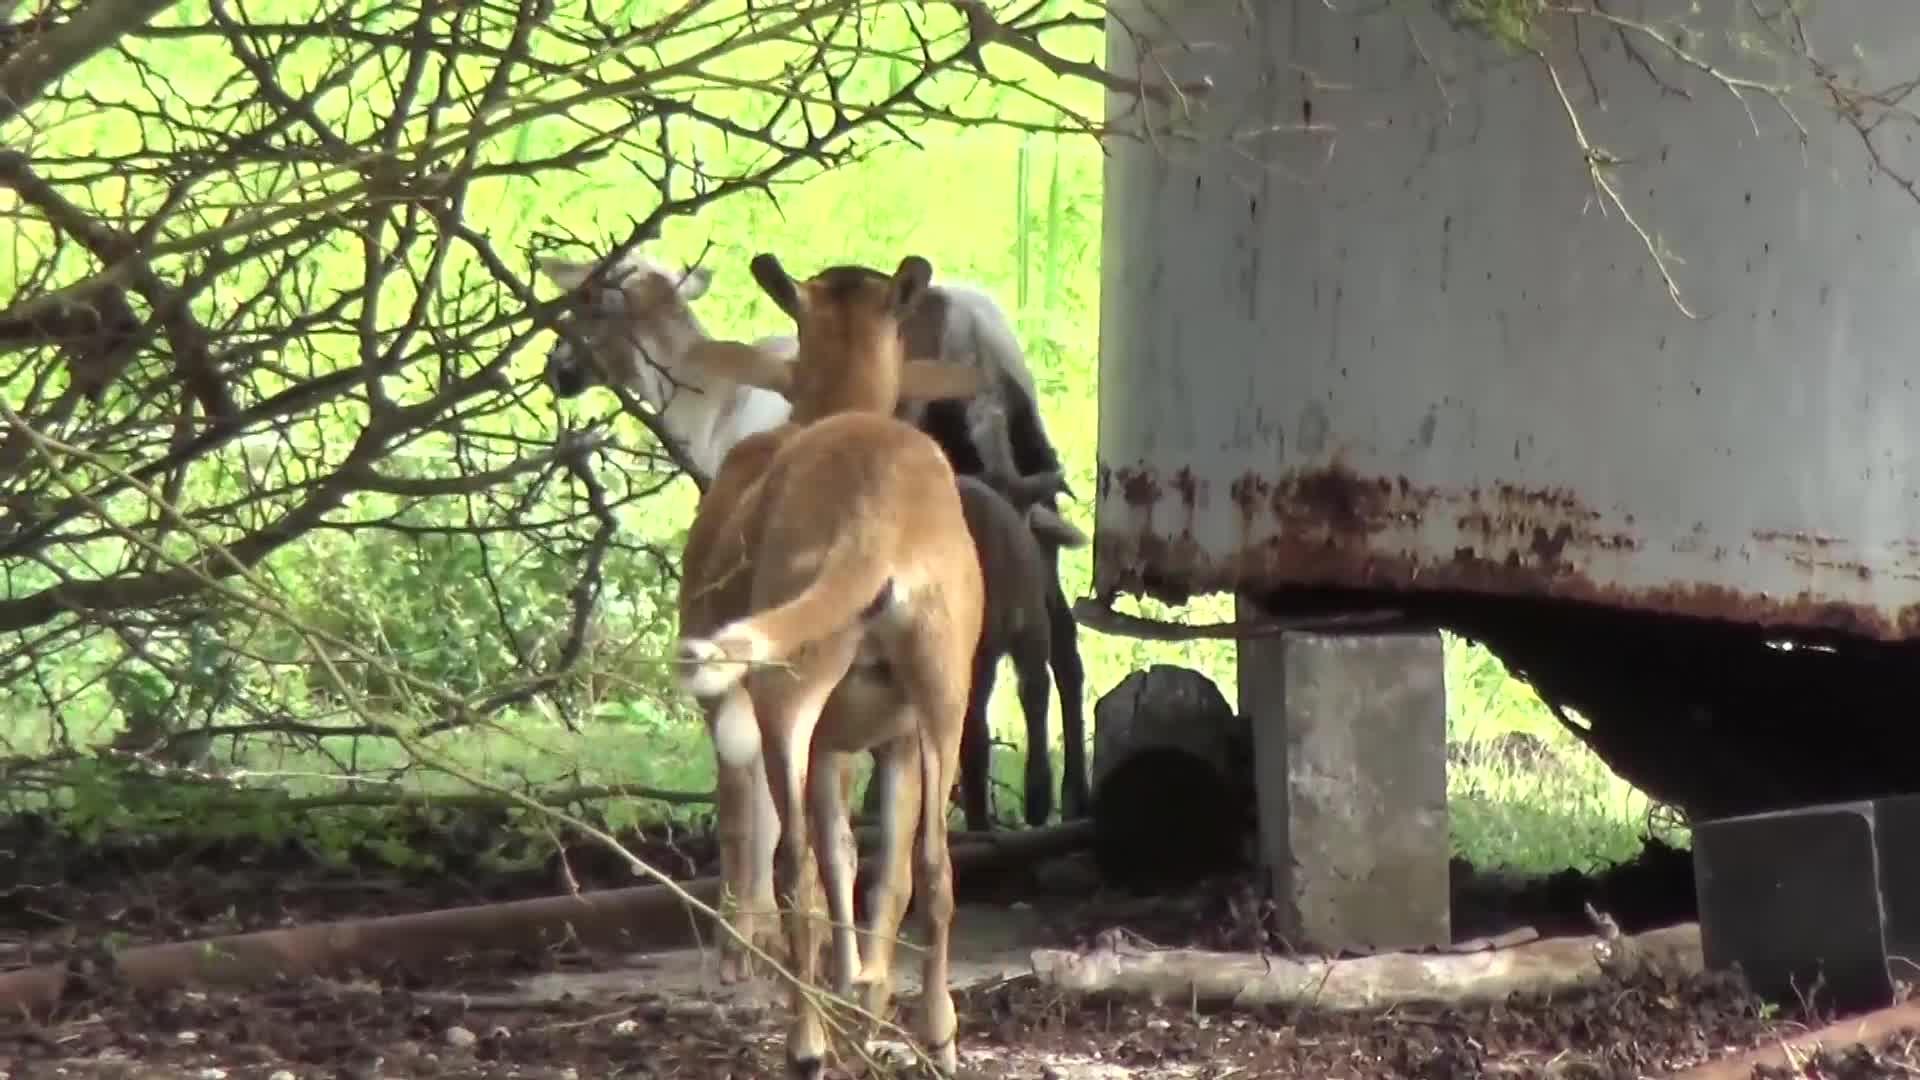 Parlons élevage avec Audry COLMAR, un éleveur marie galantais engagé